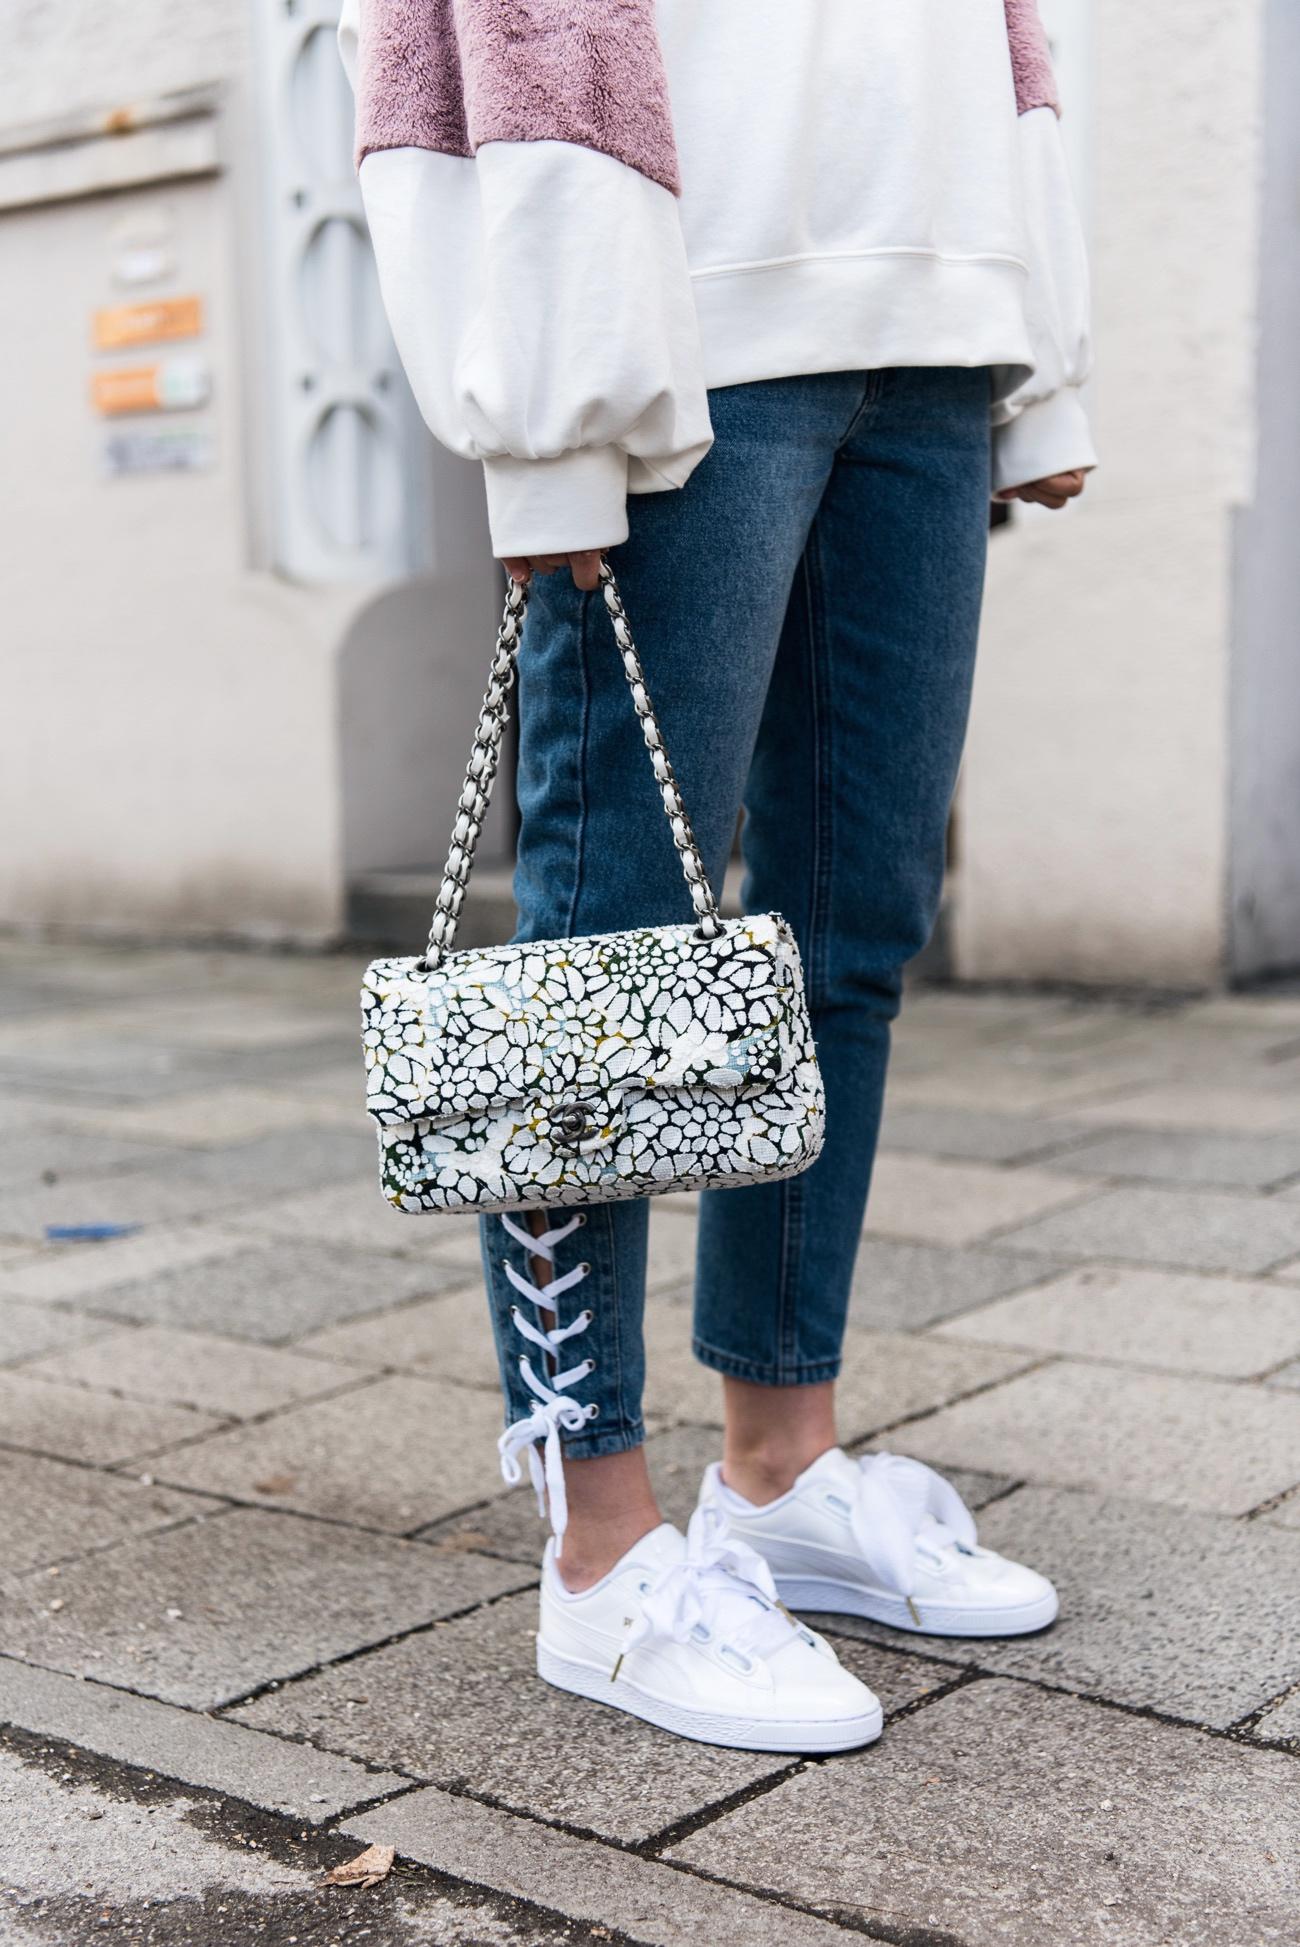 jeans-mit-schnürungen-ballerina-trend-denim-with-lace-details-streetstyle-fashiioncarpet